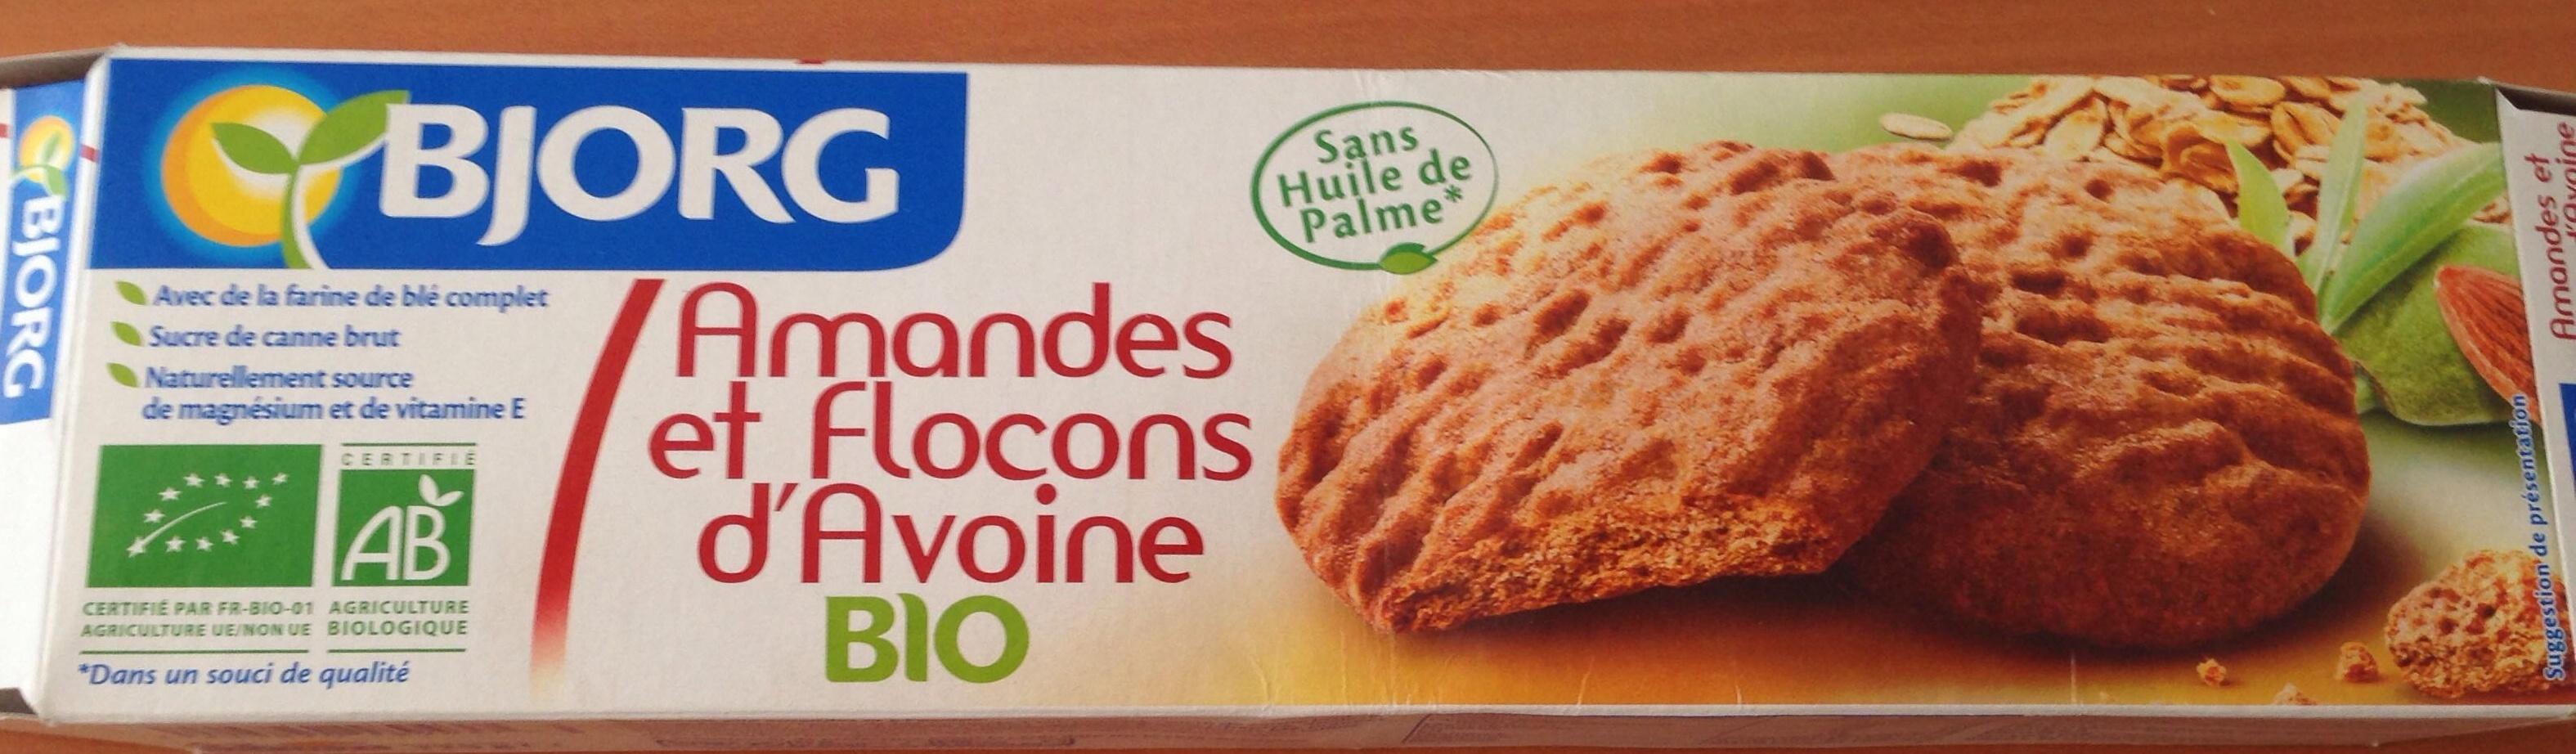 Amandes et flocons d 39 avoine bio bjorg 125 g 4 sachets for Amande cuisine bjorg